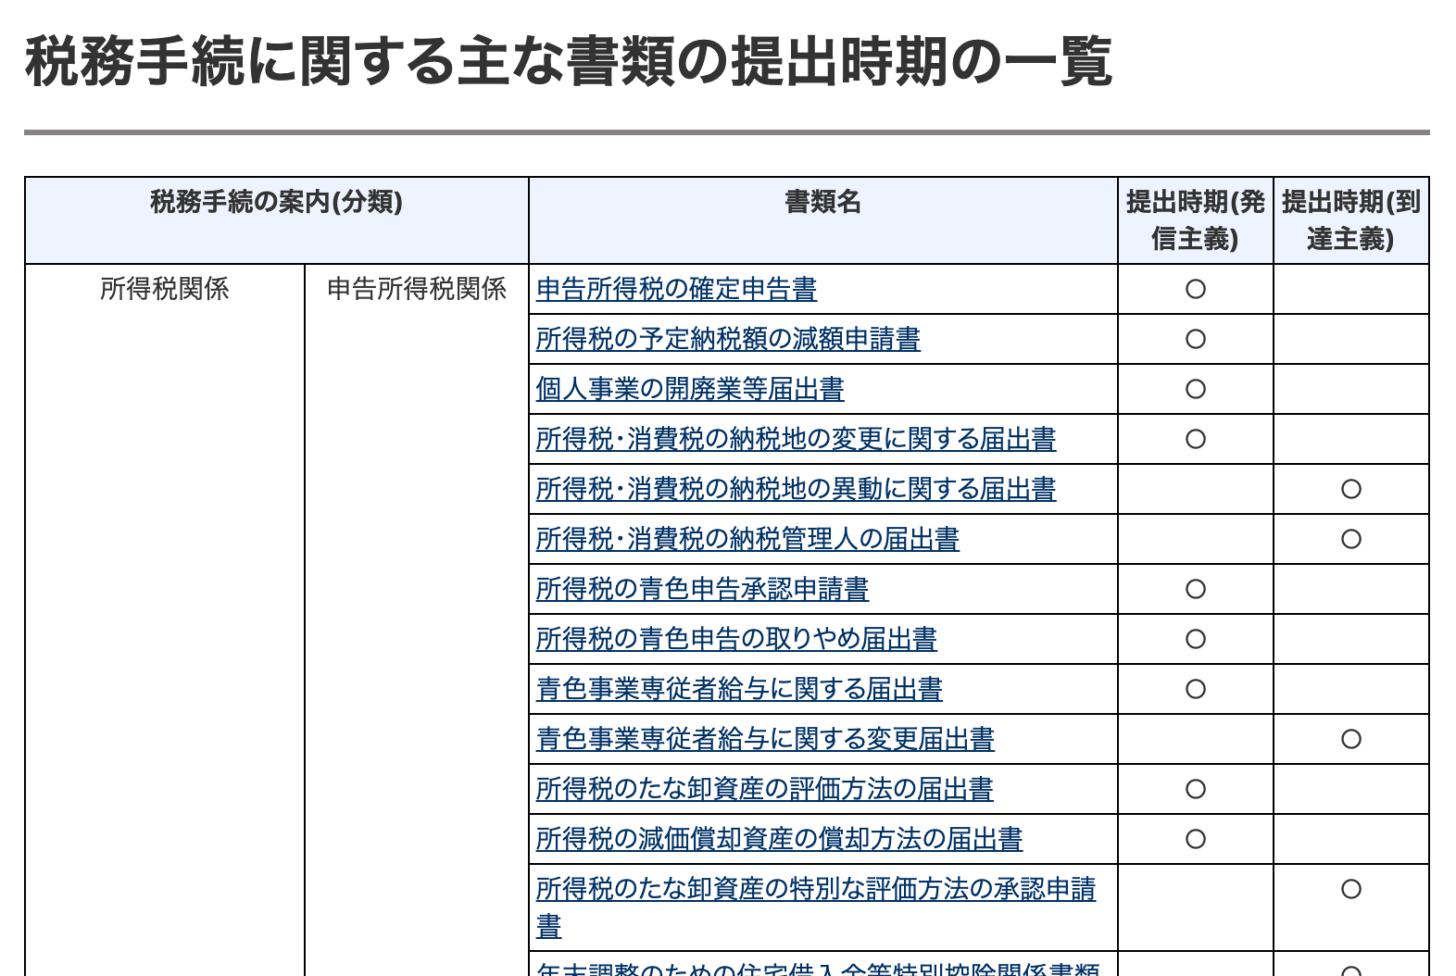 税務手続に関する主な書類の提出時期の一覧